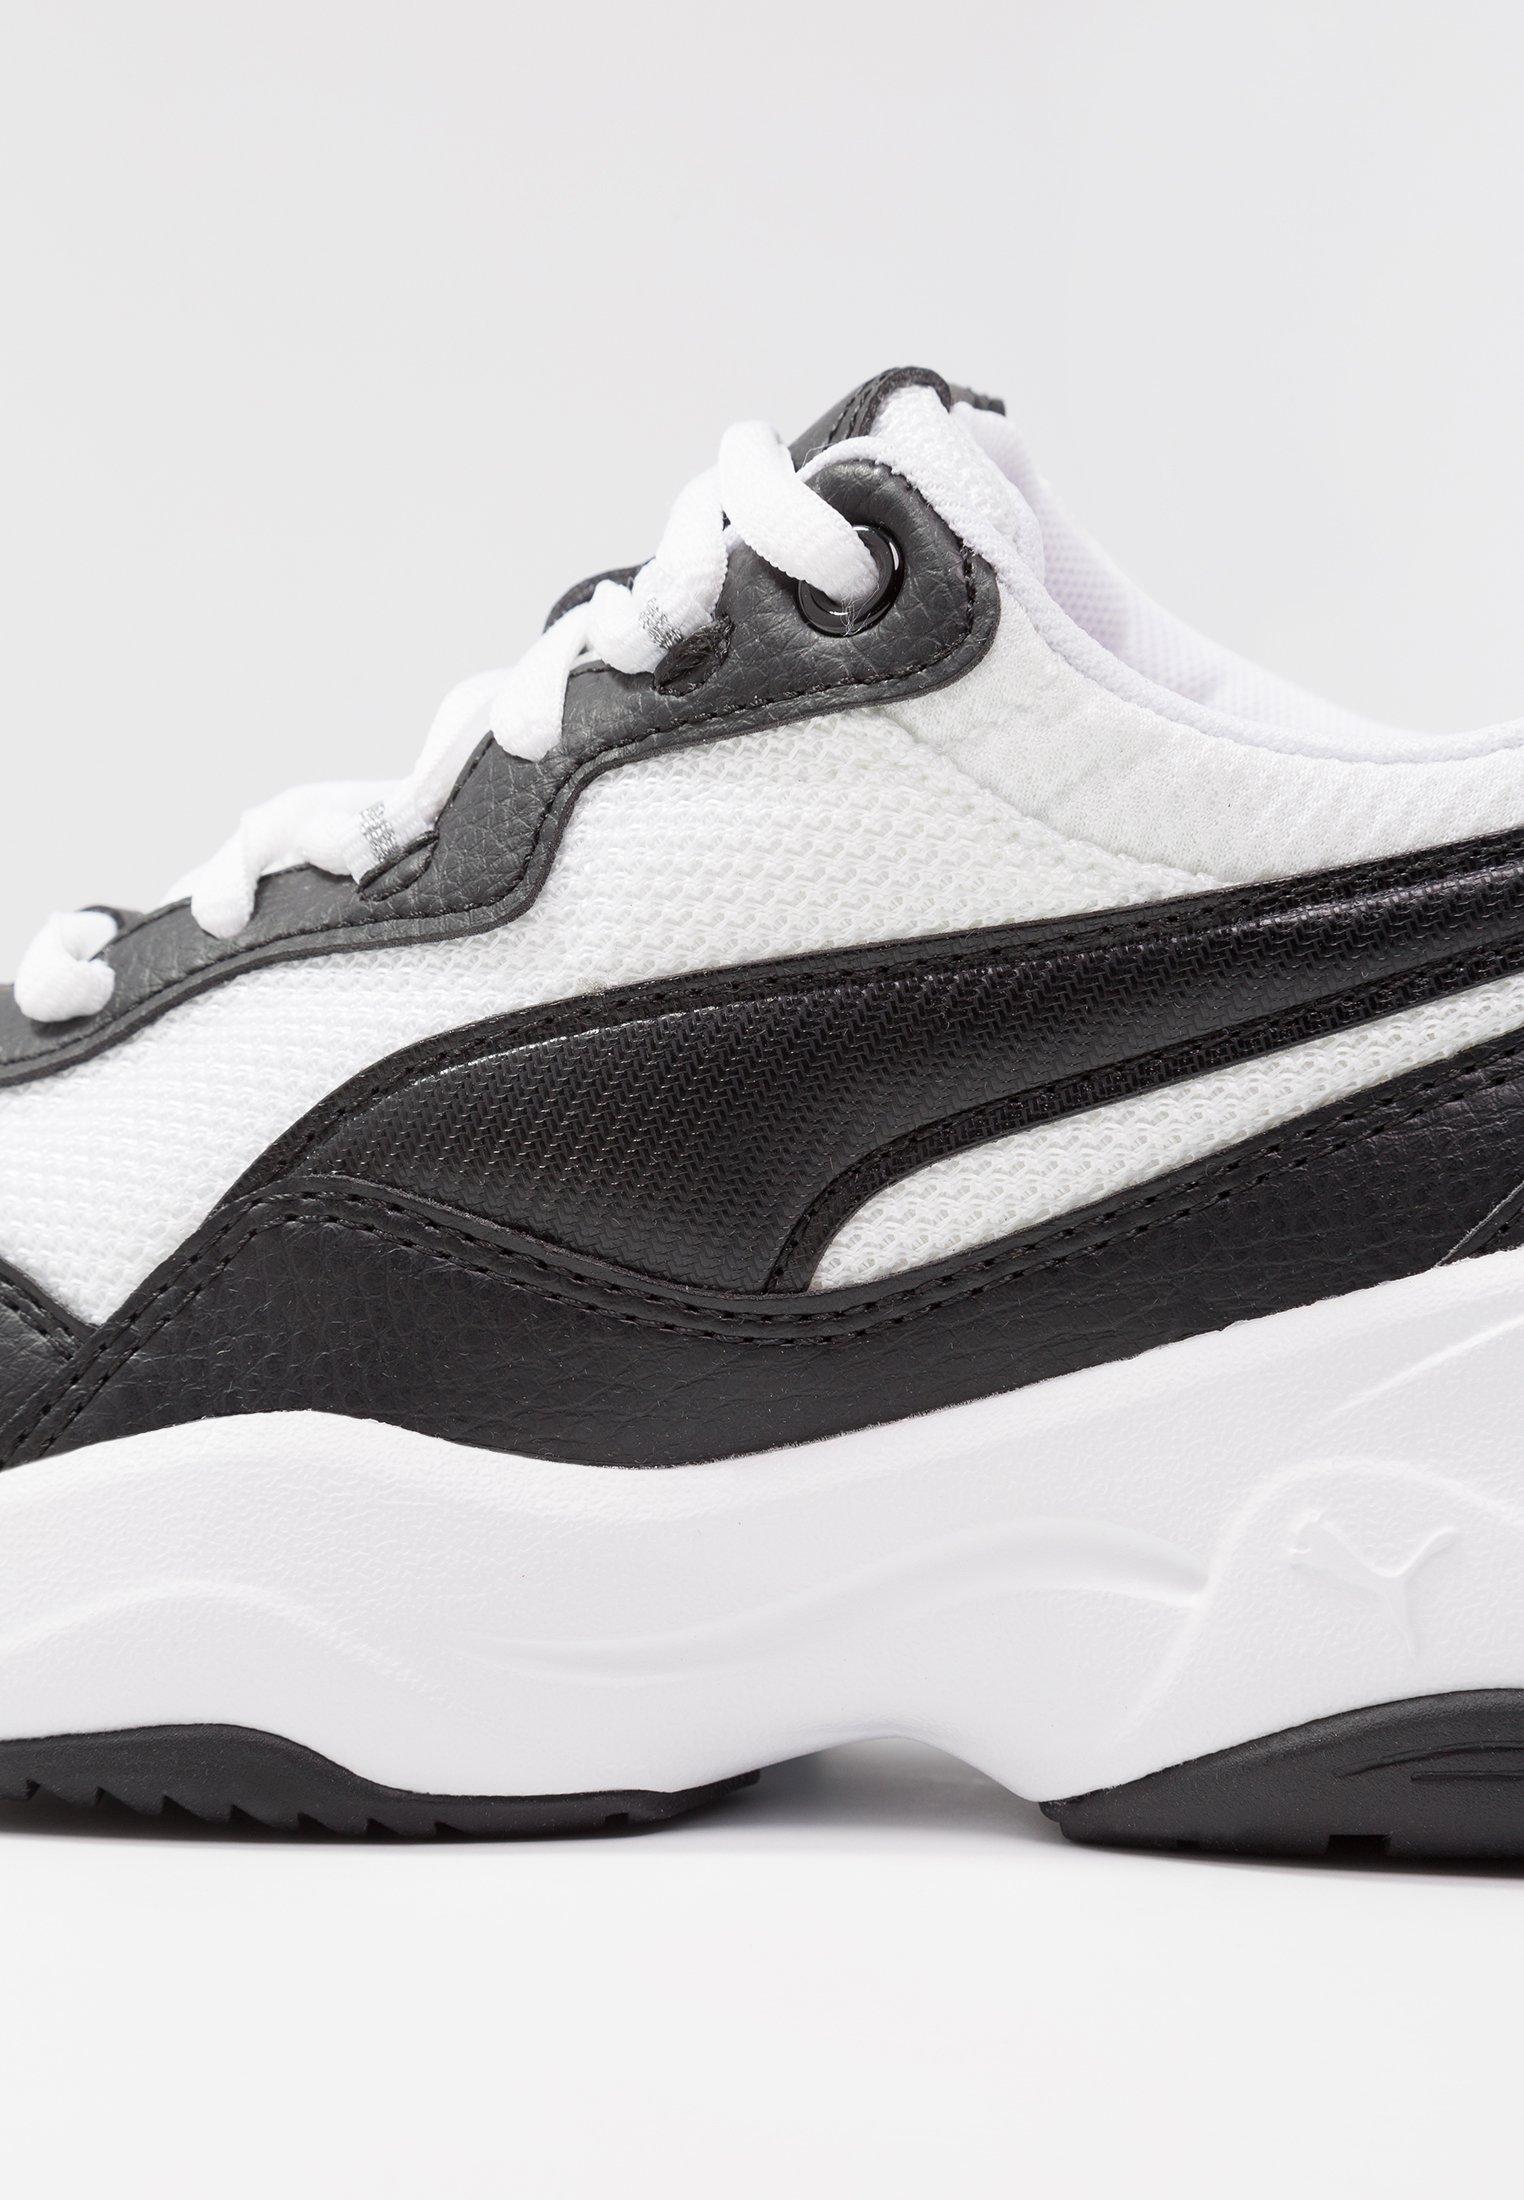 white Black CiliaBaskets Puma Puma CiliaBaskets Black white Puma Basses Basses zVpSUM